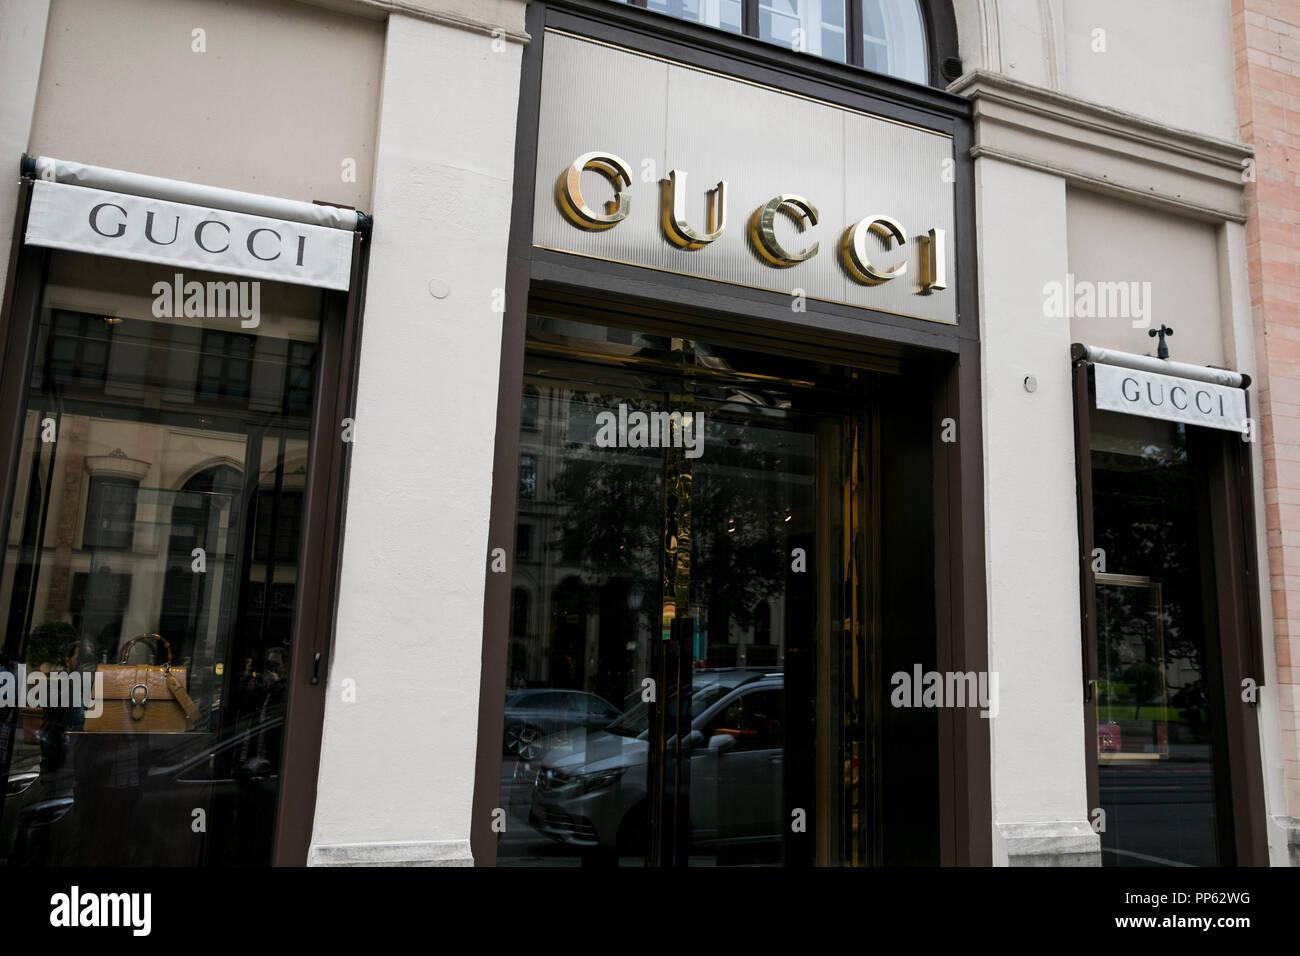 Shopping Gucci Imágenes De Stock   Shopping Gucci Fotos De Stock - Alamy cc2bd18d116